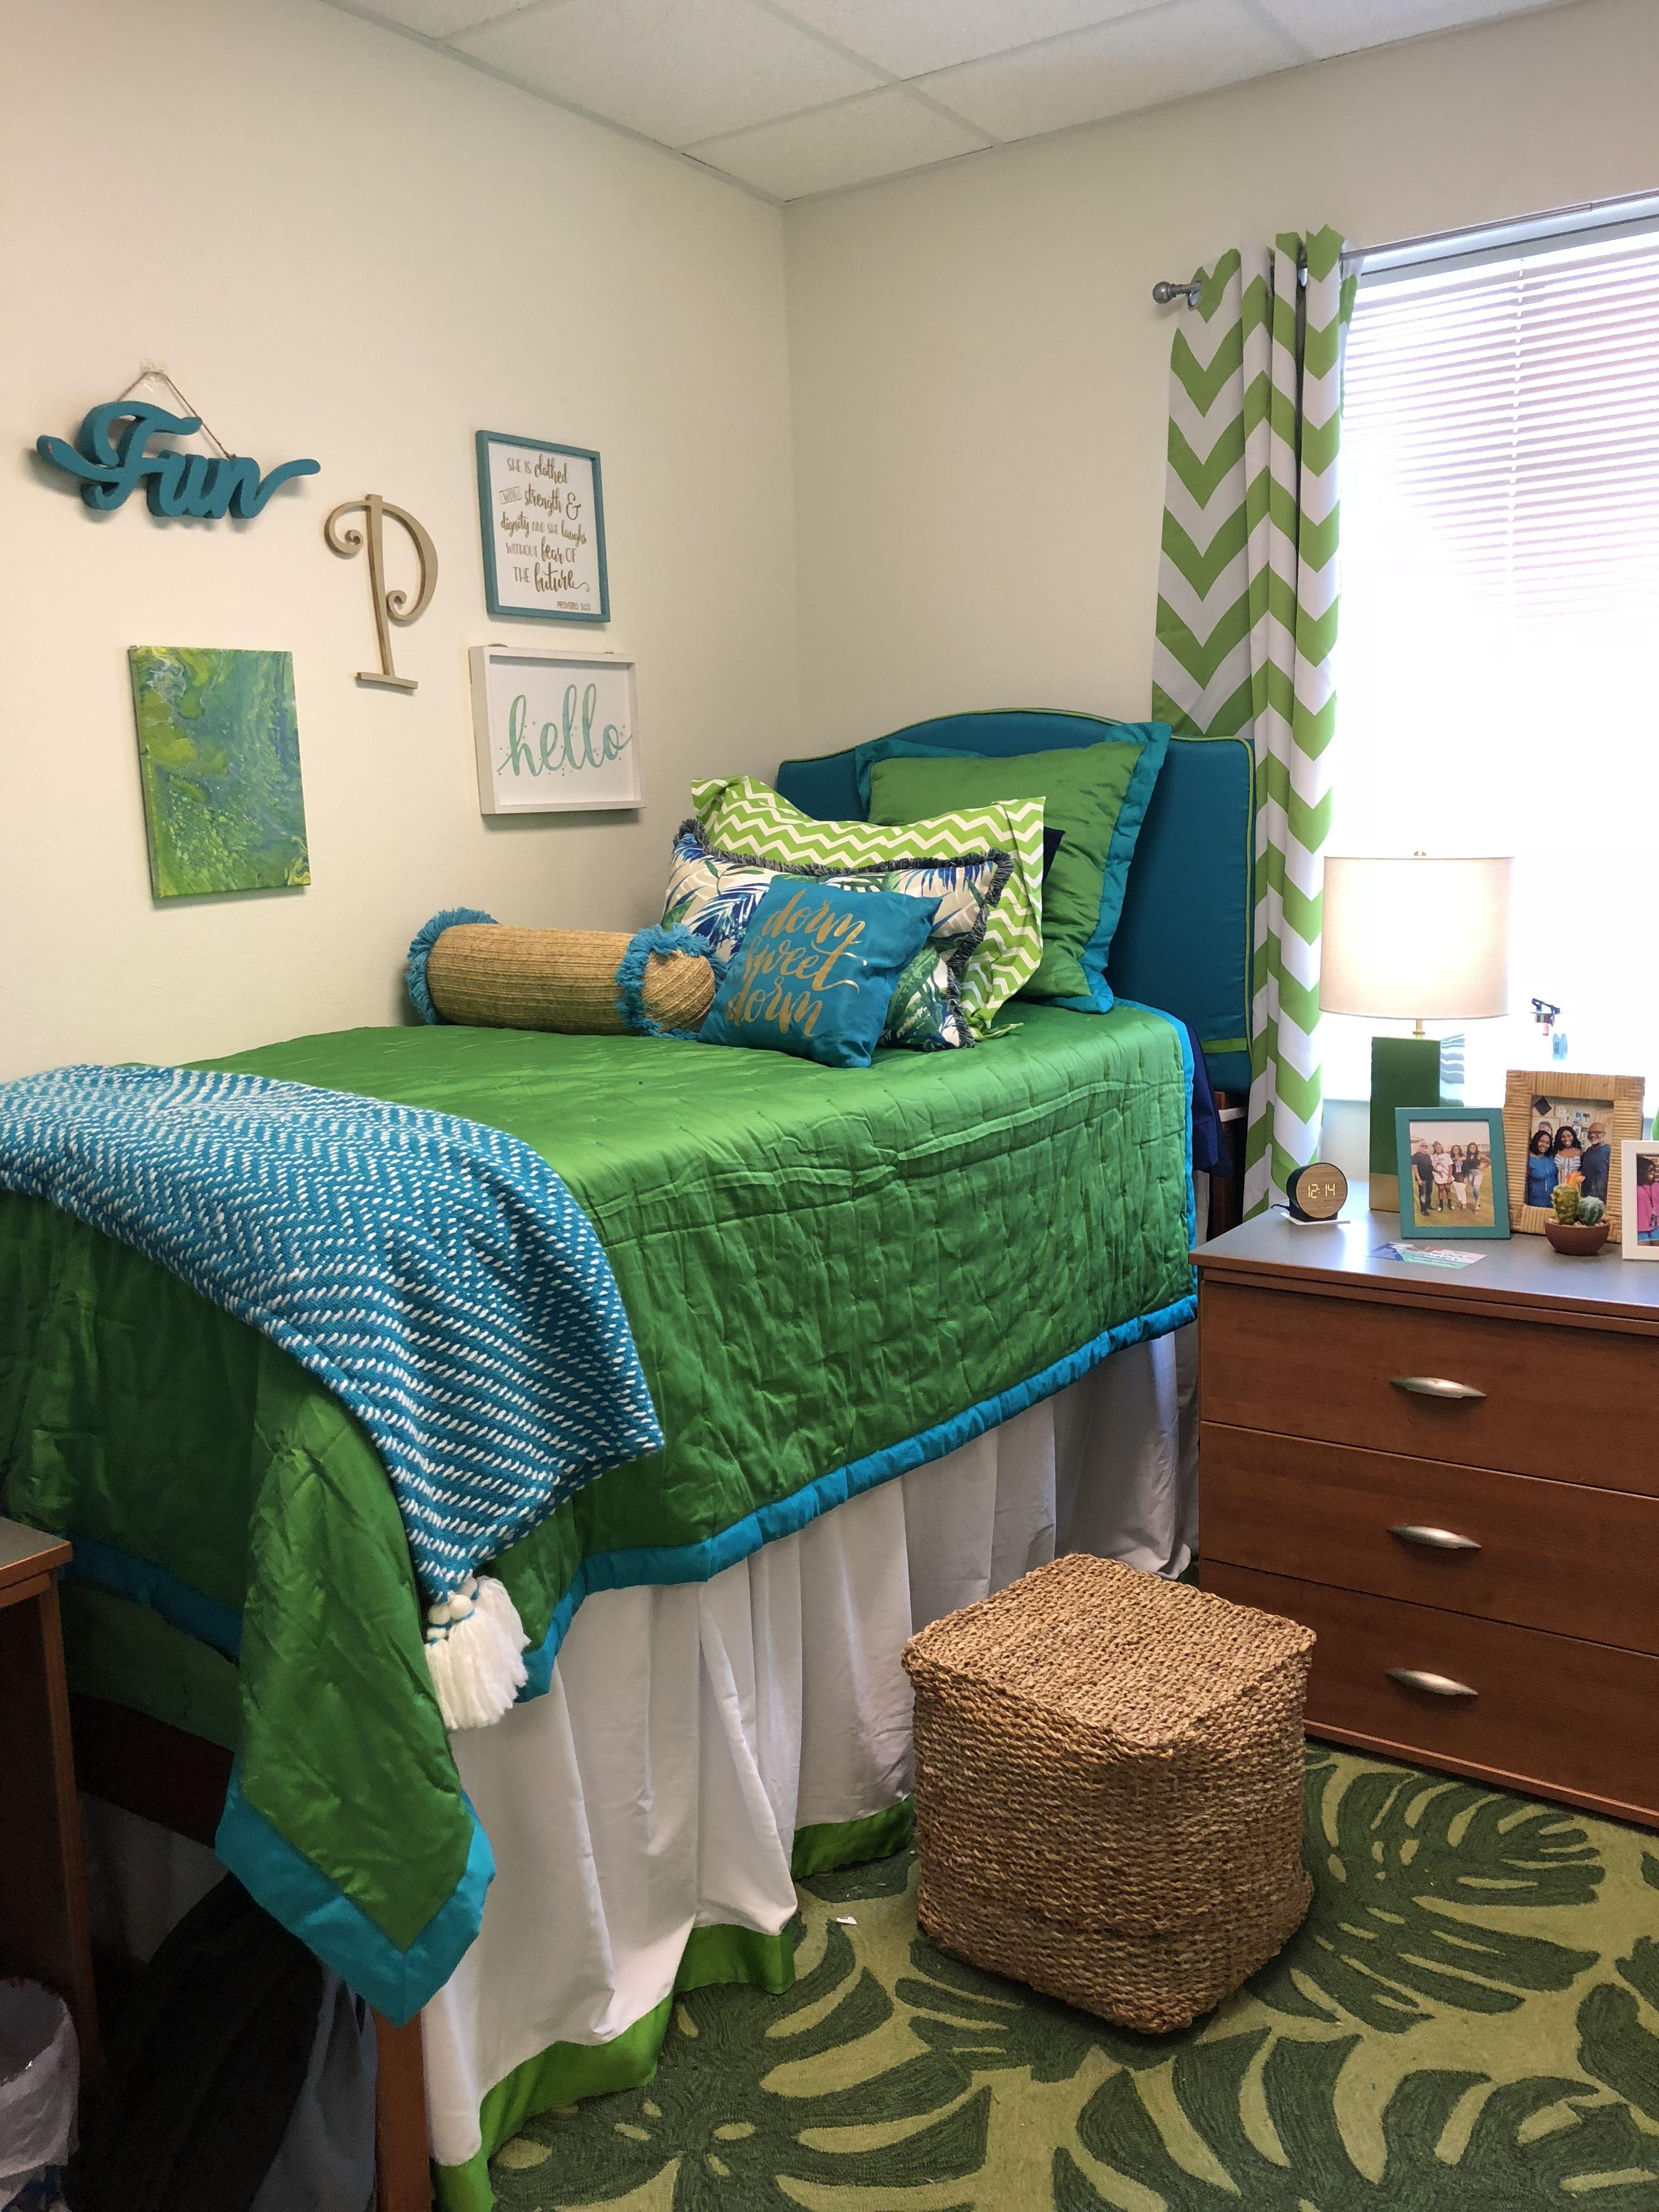 Dorm Room Furniture: FGCU Dorm Room- Biscayne 2 Bedroom Single (With Images